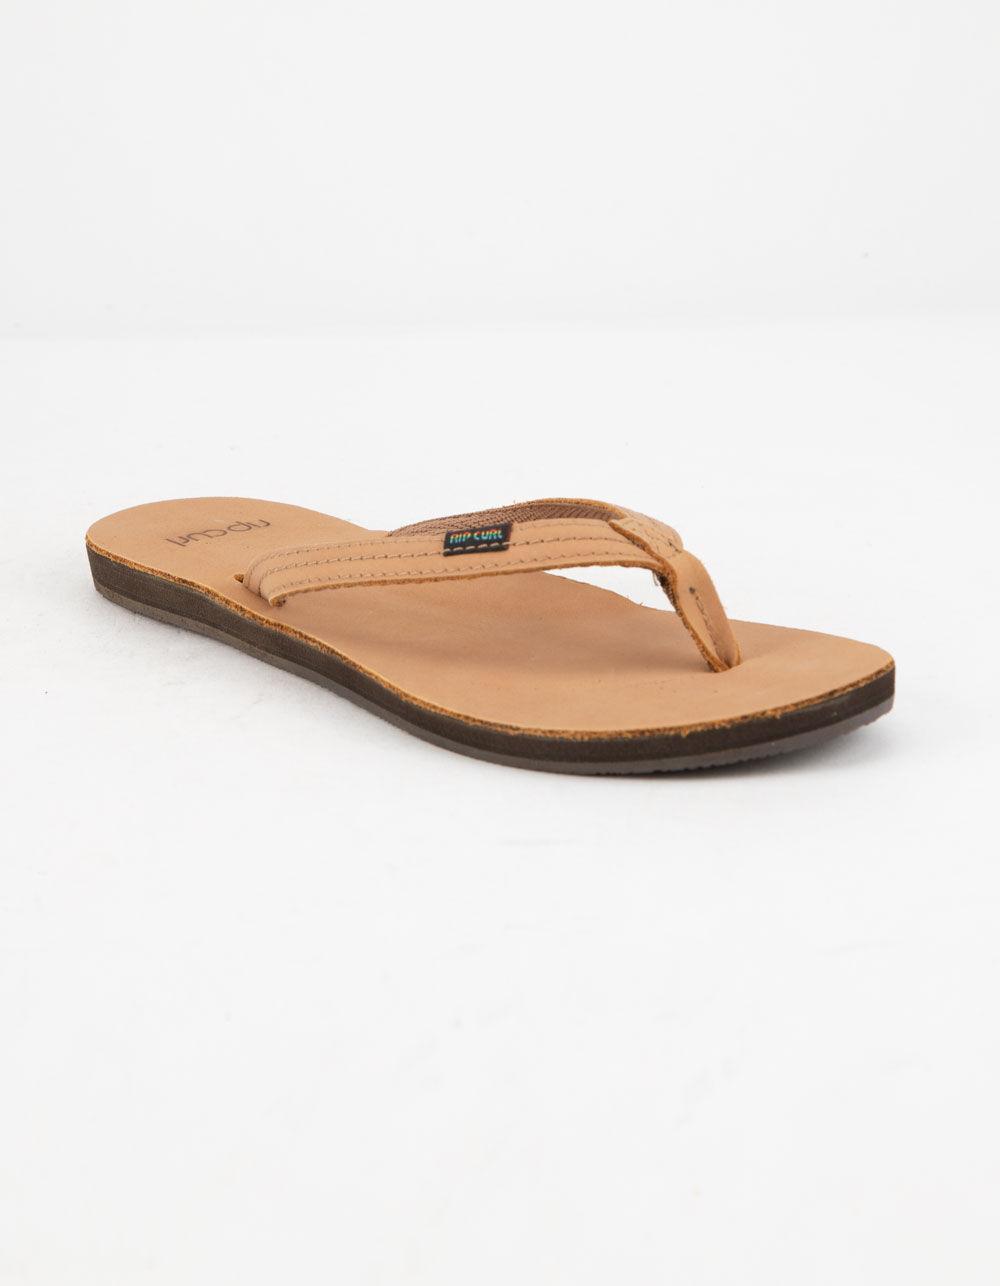 RIP CURL Riviera Tan Sandals